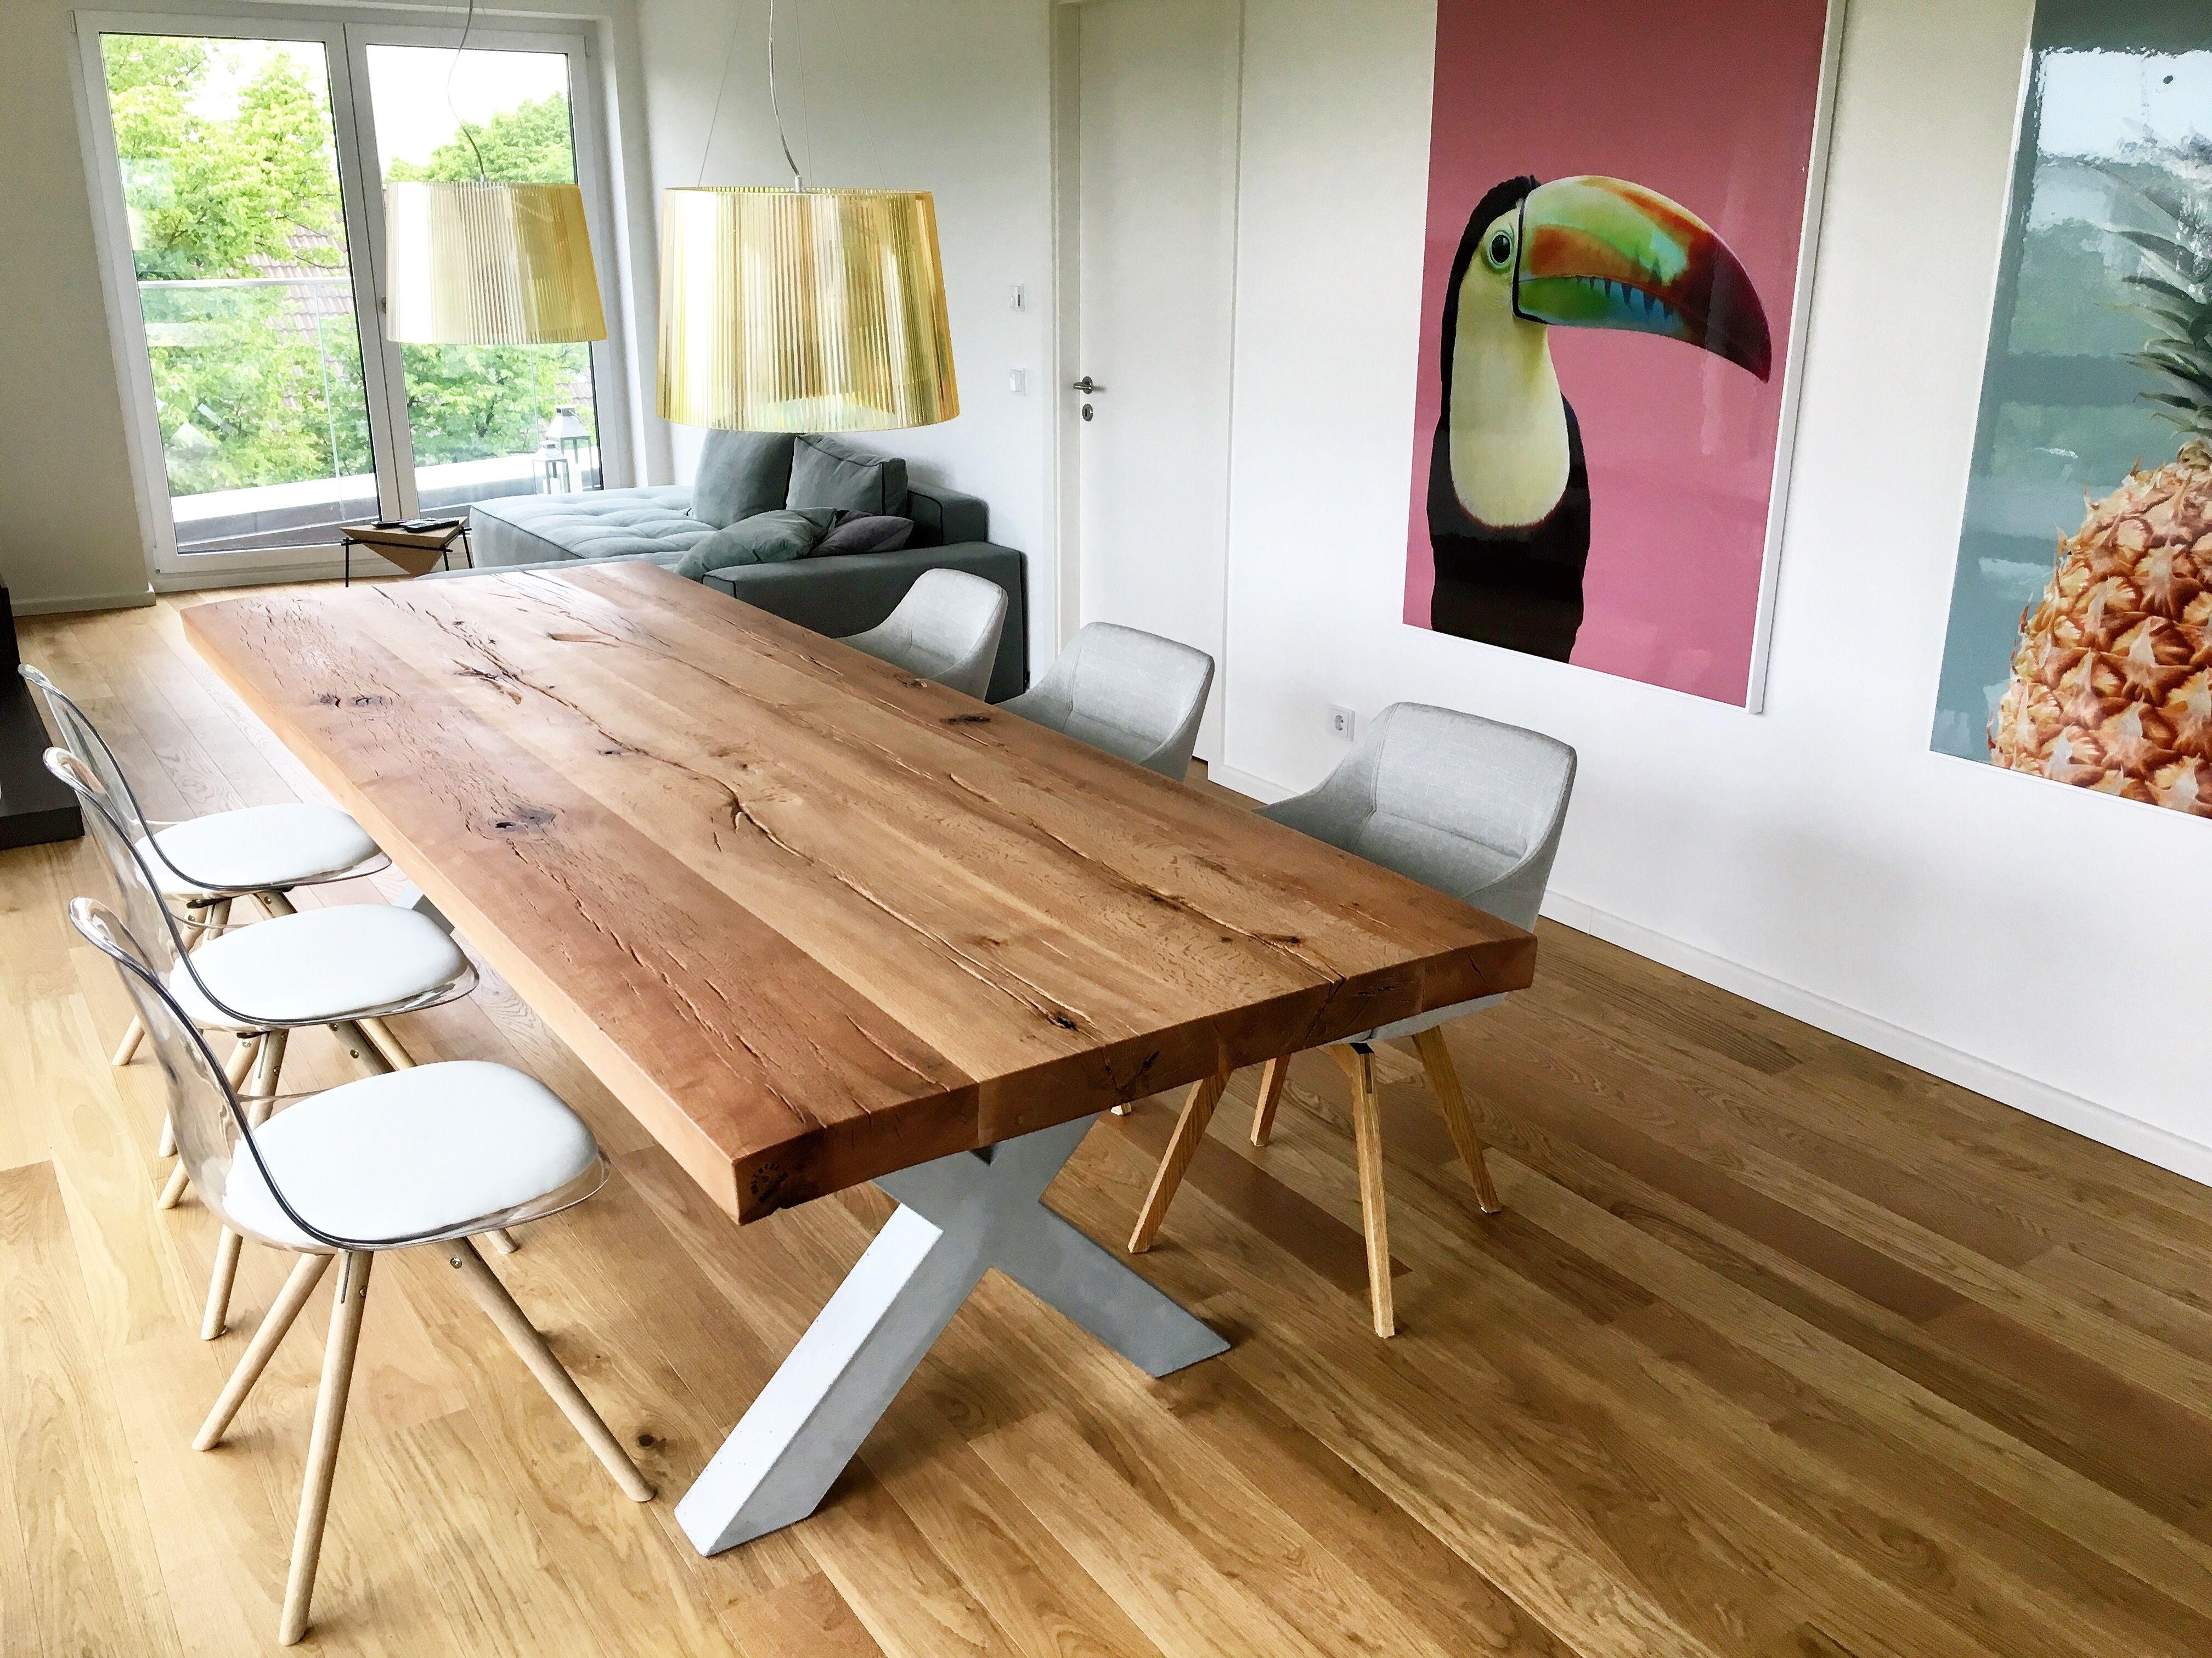 Esstisch Tisch Massivholztisch Betonmöbel Table www.holzwerk ...